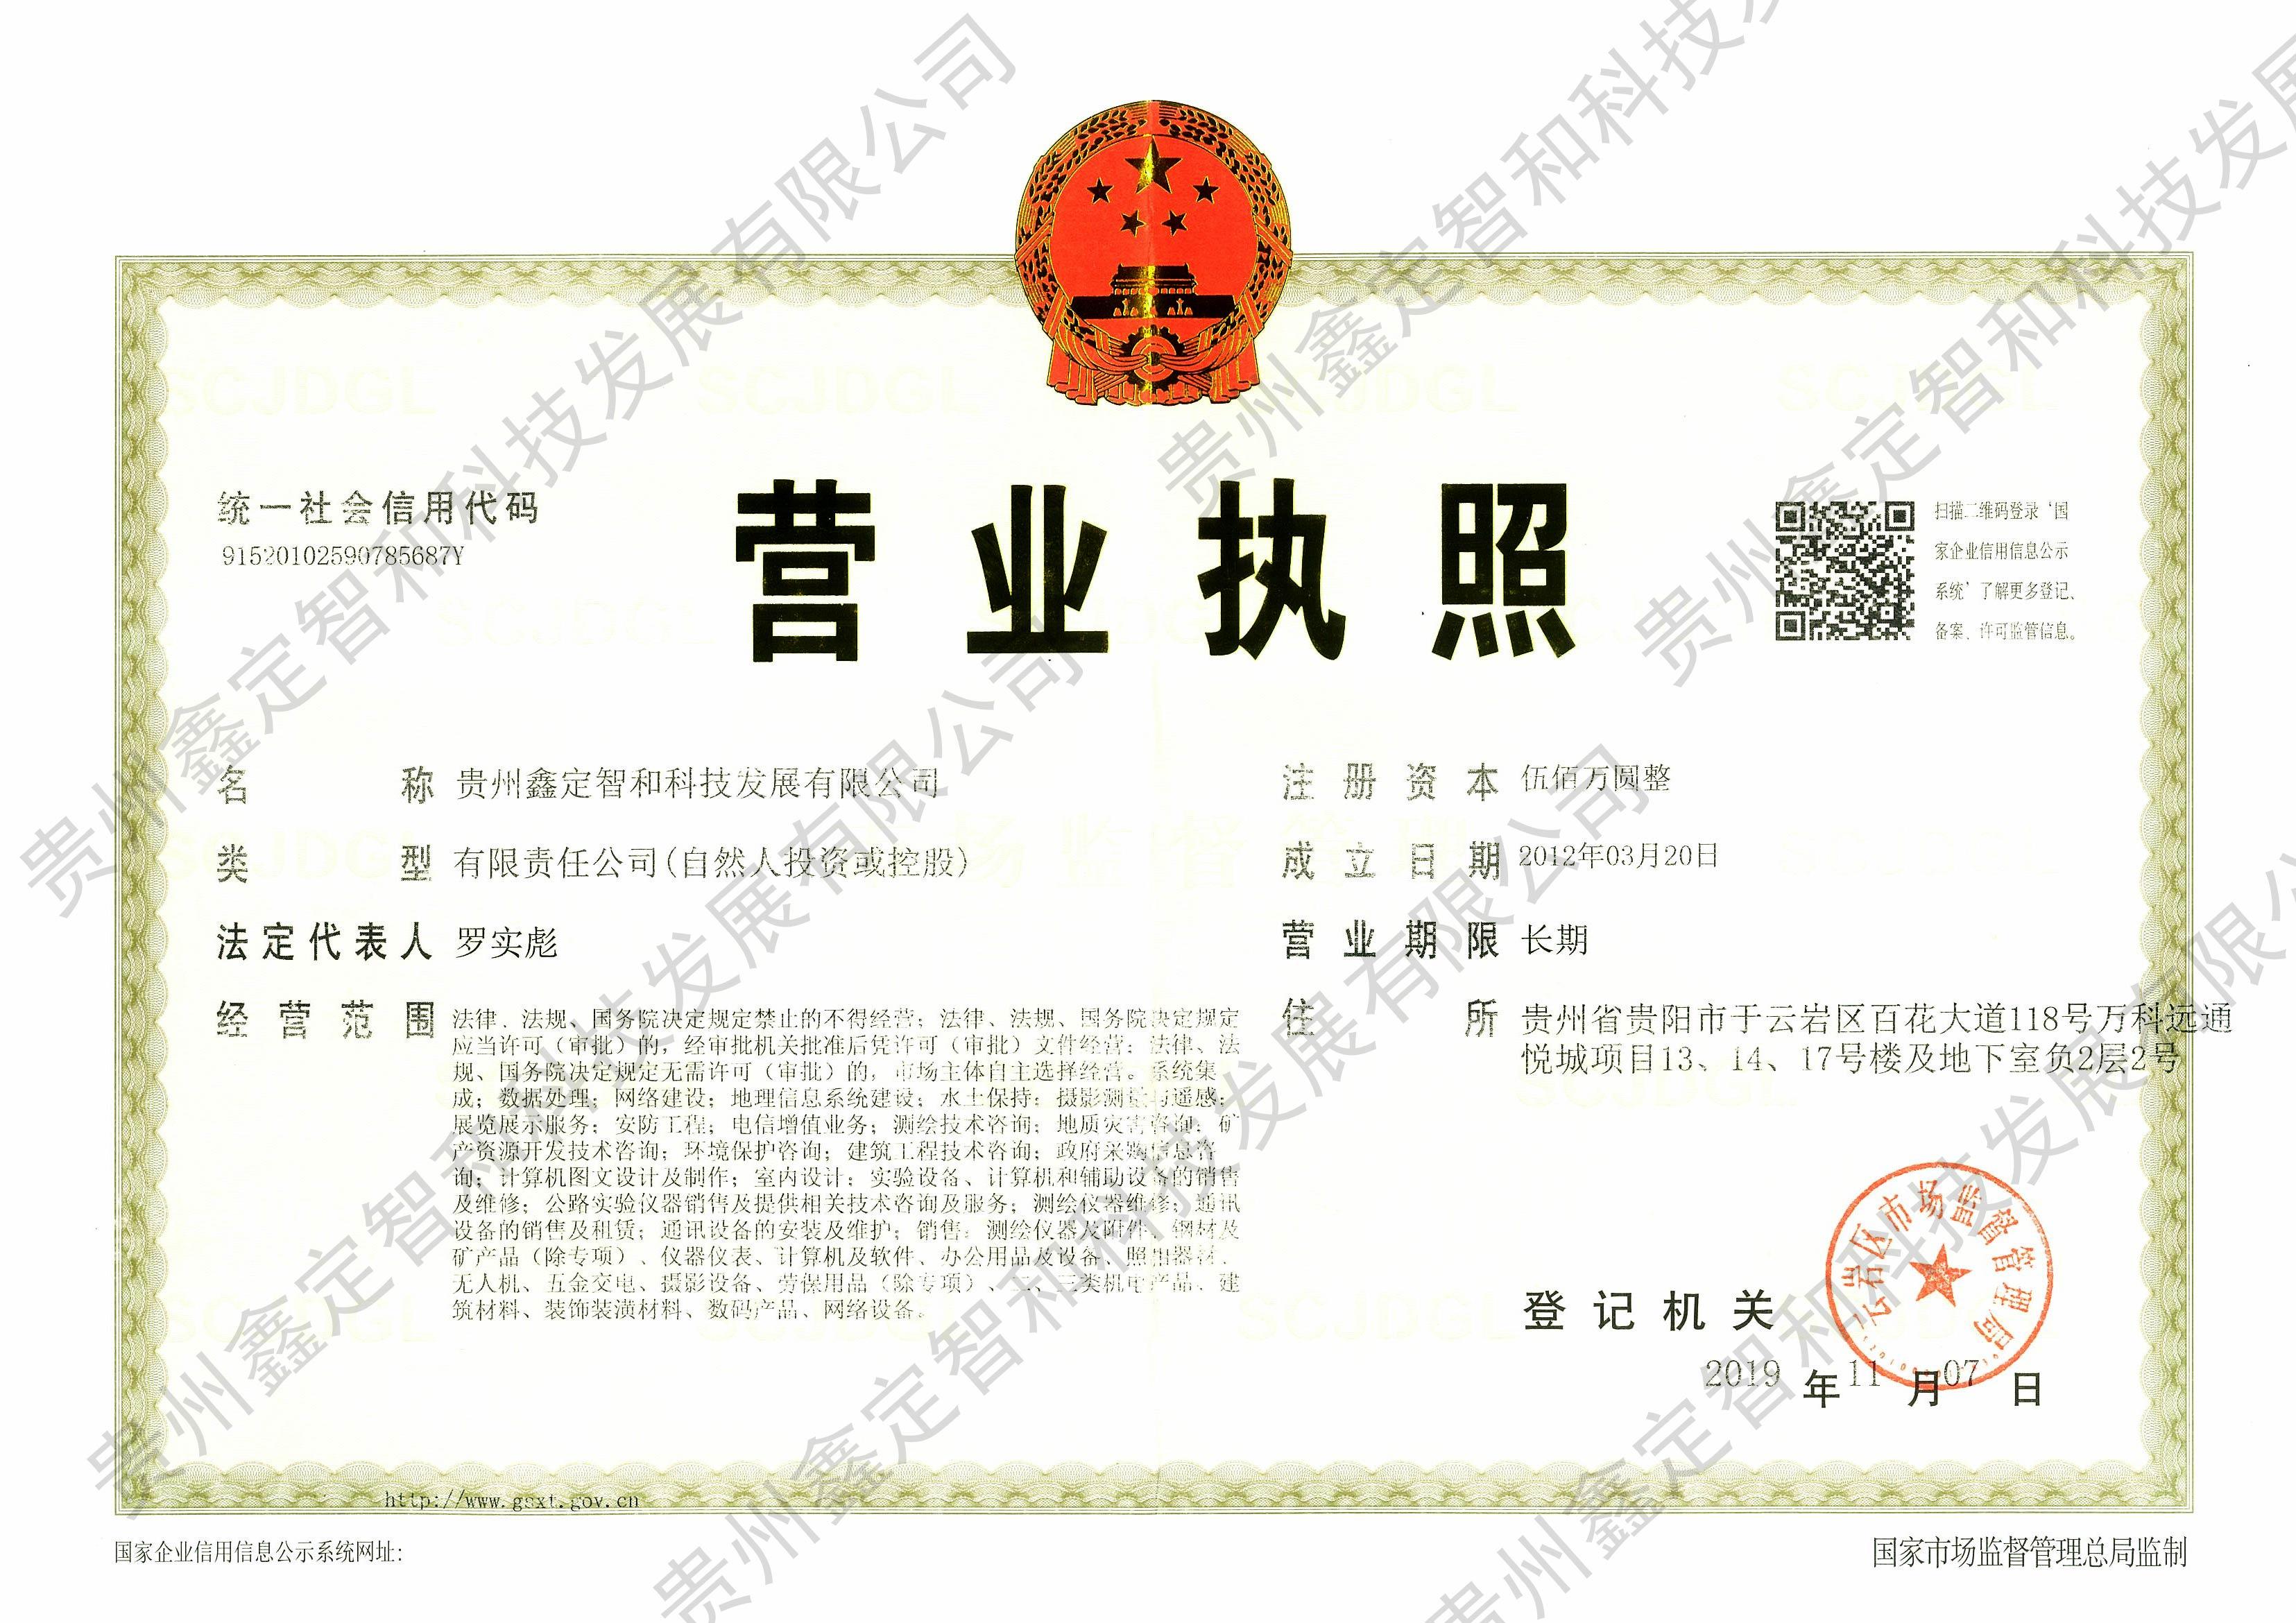 贵州鑫定智和科技发展有限公司